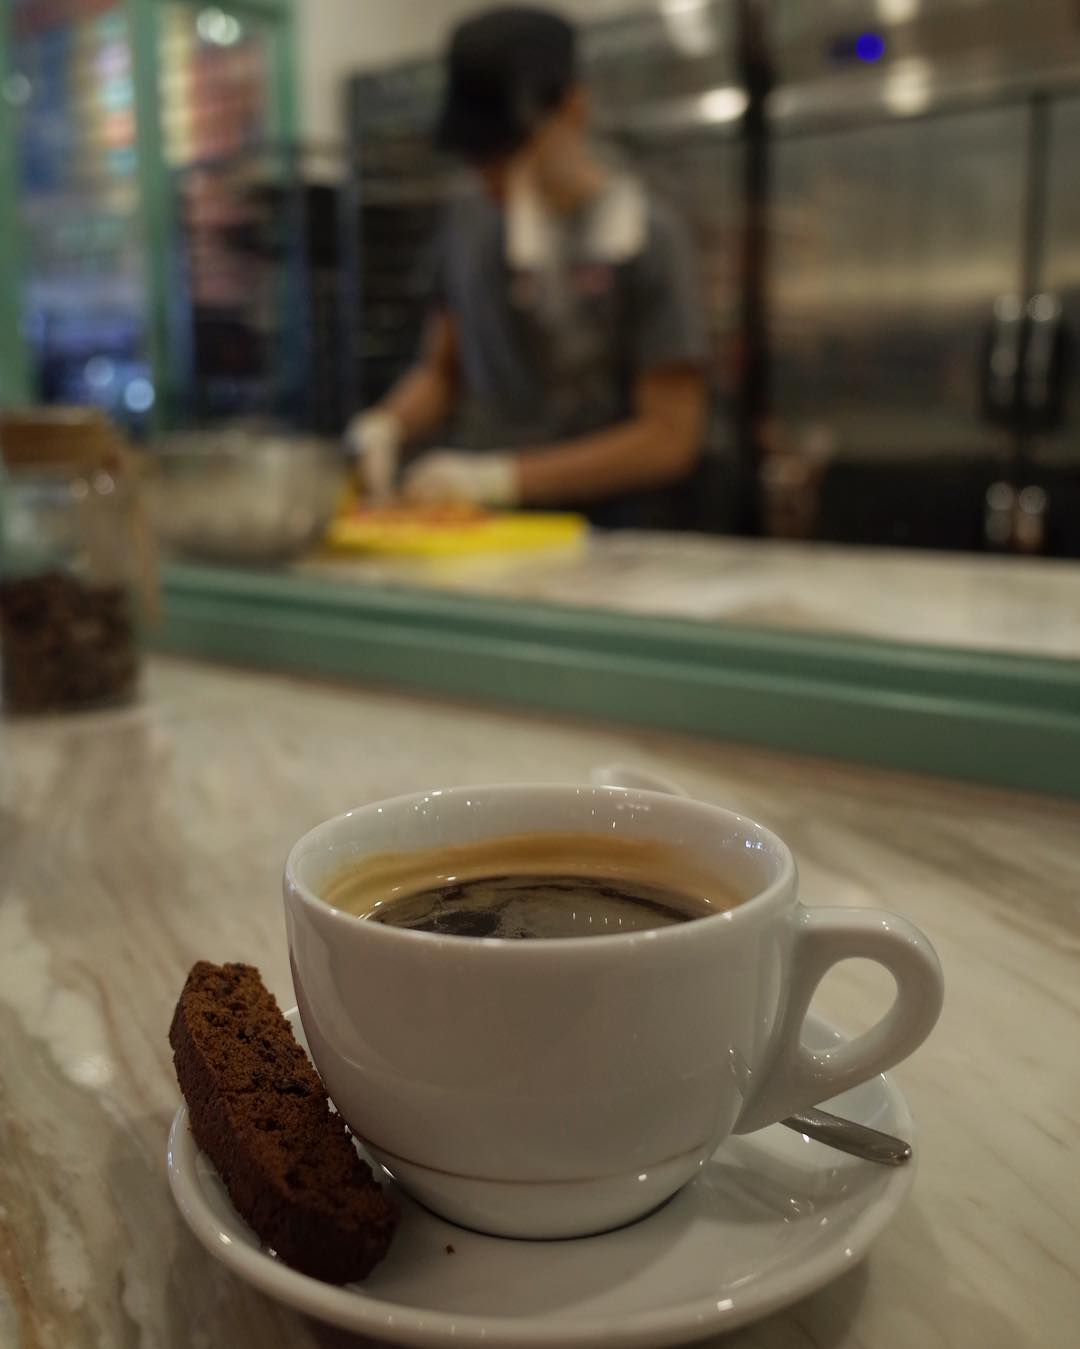 #marou #saigon #vietnam #cafe #gr #ricoh